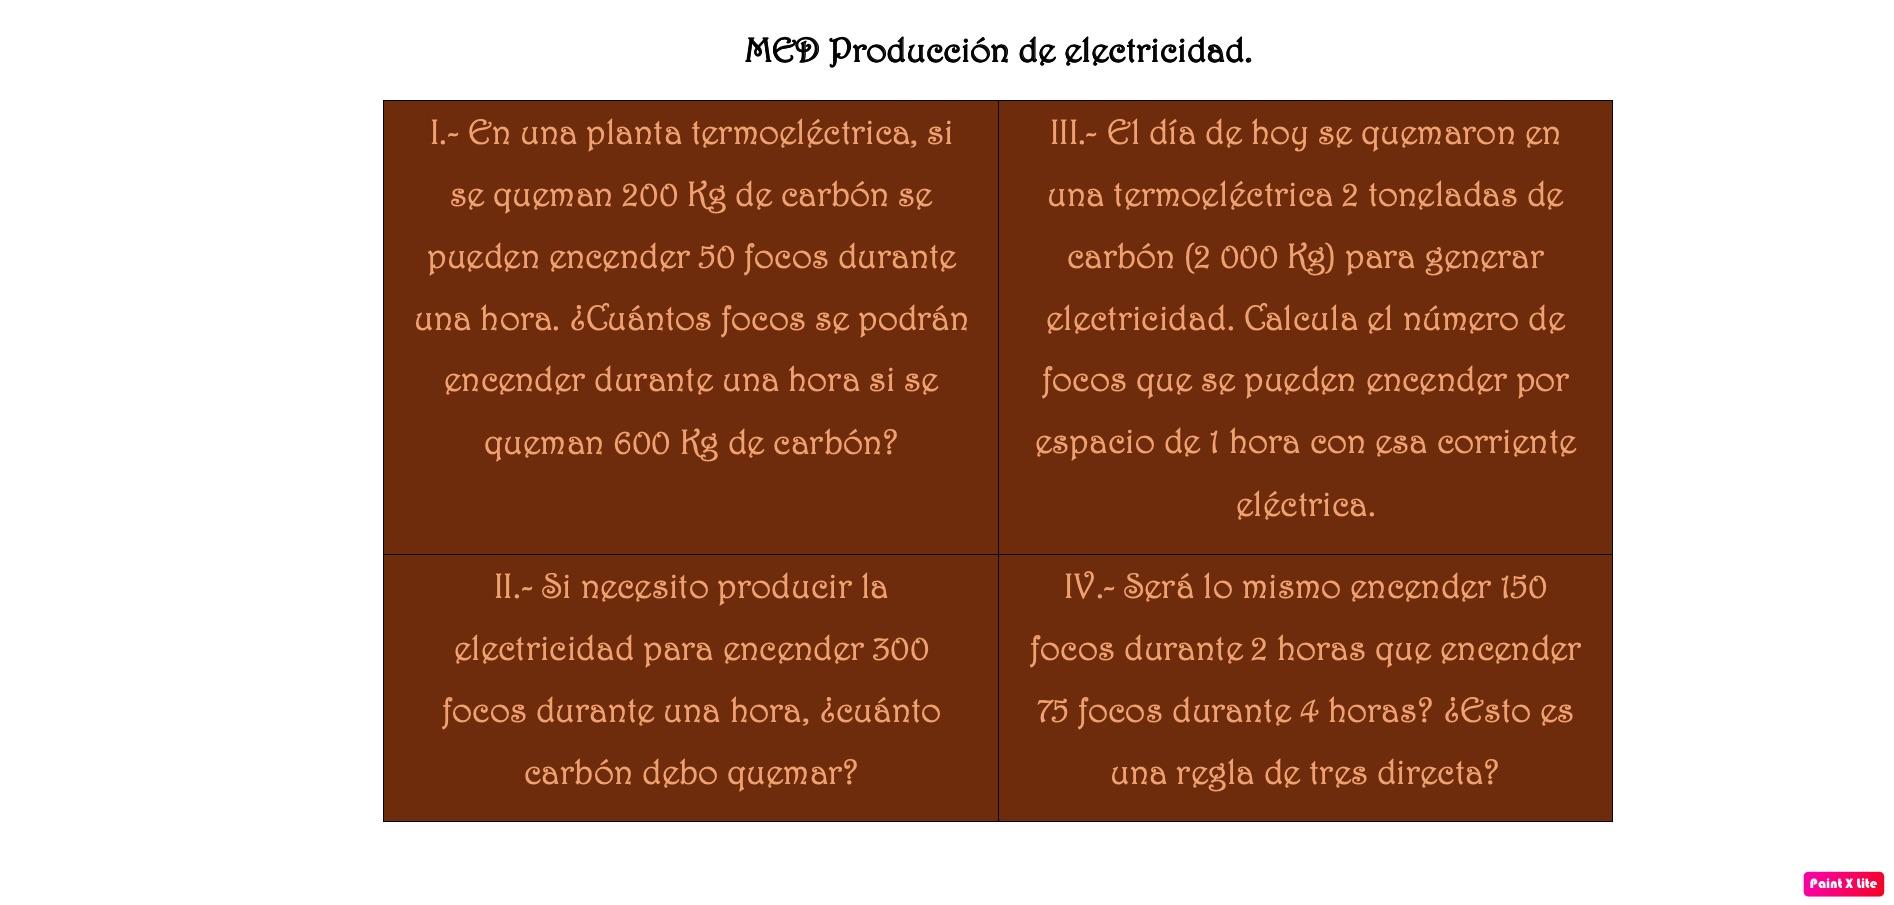 Produccio%CC%81n+de+electricidad.jpg